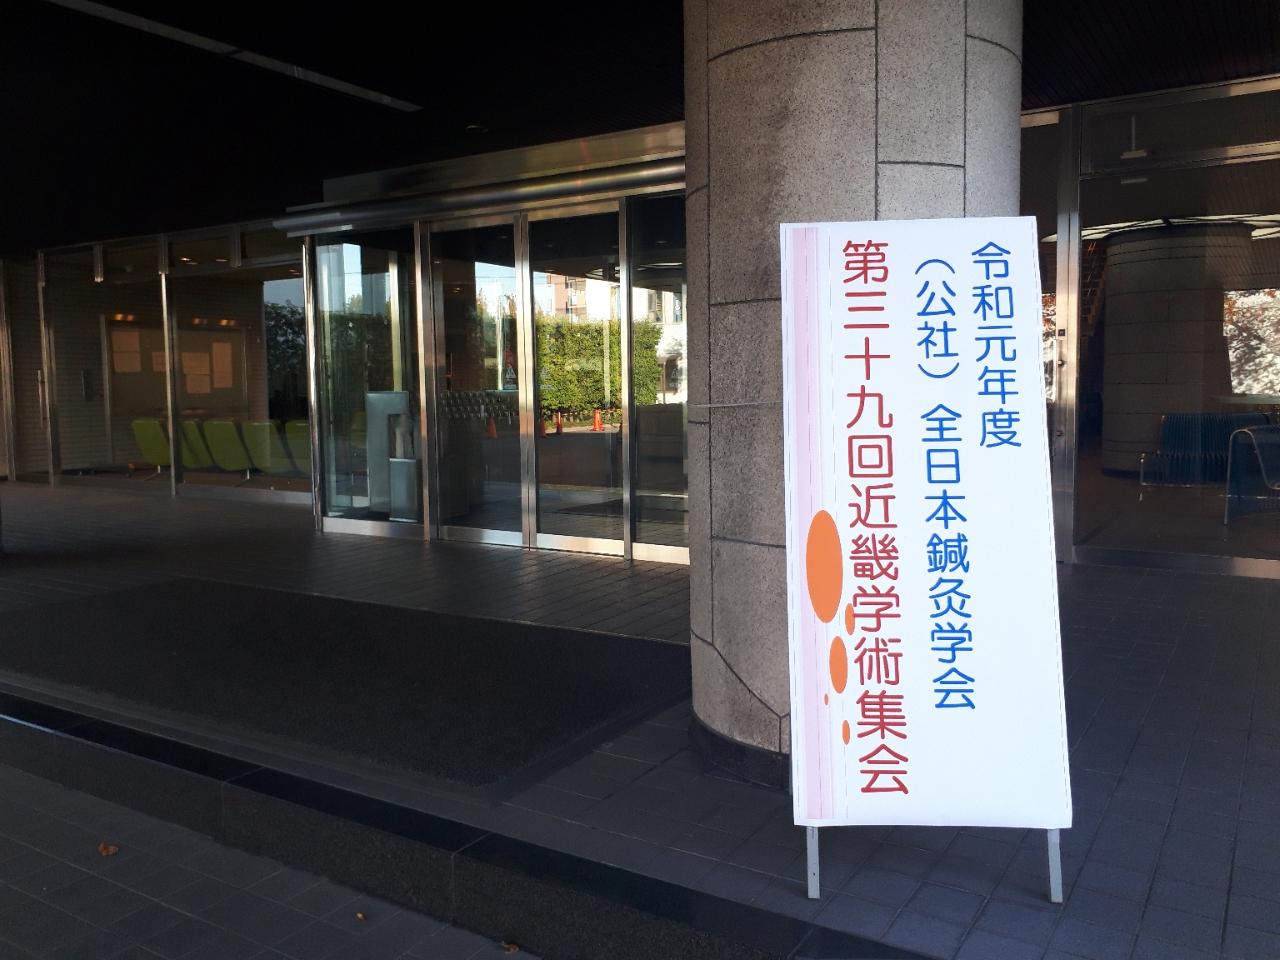 2019.11.23 第39回全日本鍼灸学会近畿支部学術集会「ブルースティックスシガ」の公式戦を観戦してきました!滋賀県のホッケーチーム「ブルースティックスシガ」を応援しています!ミニハンドブック「灸活のススメ」無料公開中夏季休業日のお知らせ「灸極の癒」パソコン用壁紙をダウンロードいただけます「コロナに負けない!長生灸で応援企画」のお知らせ院内掲示用 新型コロナウイルス感染防止策 もぐさんサイン をご活用ください!活動報告書「MOGUREPOモグレポ2020(Vol.3)」掲載のお知らせ院内掲示用ポスターをご希望の先生へ差し上げています新型コロナウイルス感染拡大防止に伴うセミナー・工場見学・マラソン大会出店についてのお知らせ2020.01.28 第16回統合医療展2020新年のご挨拶